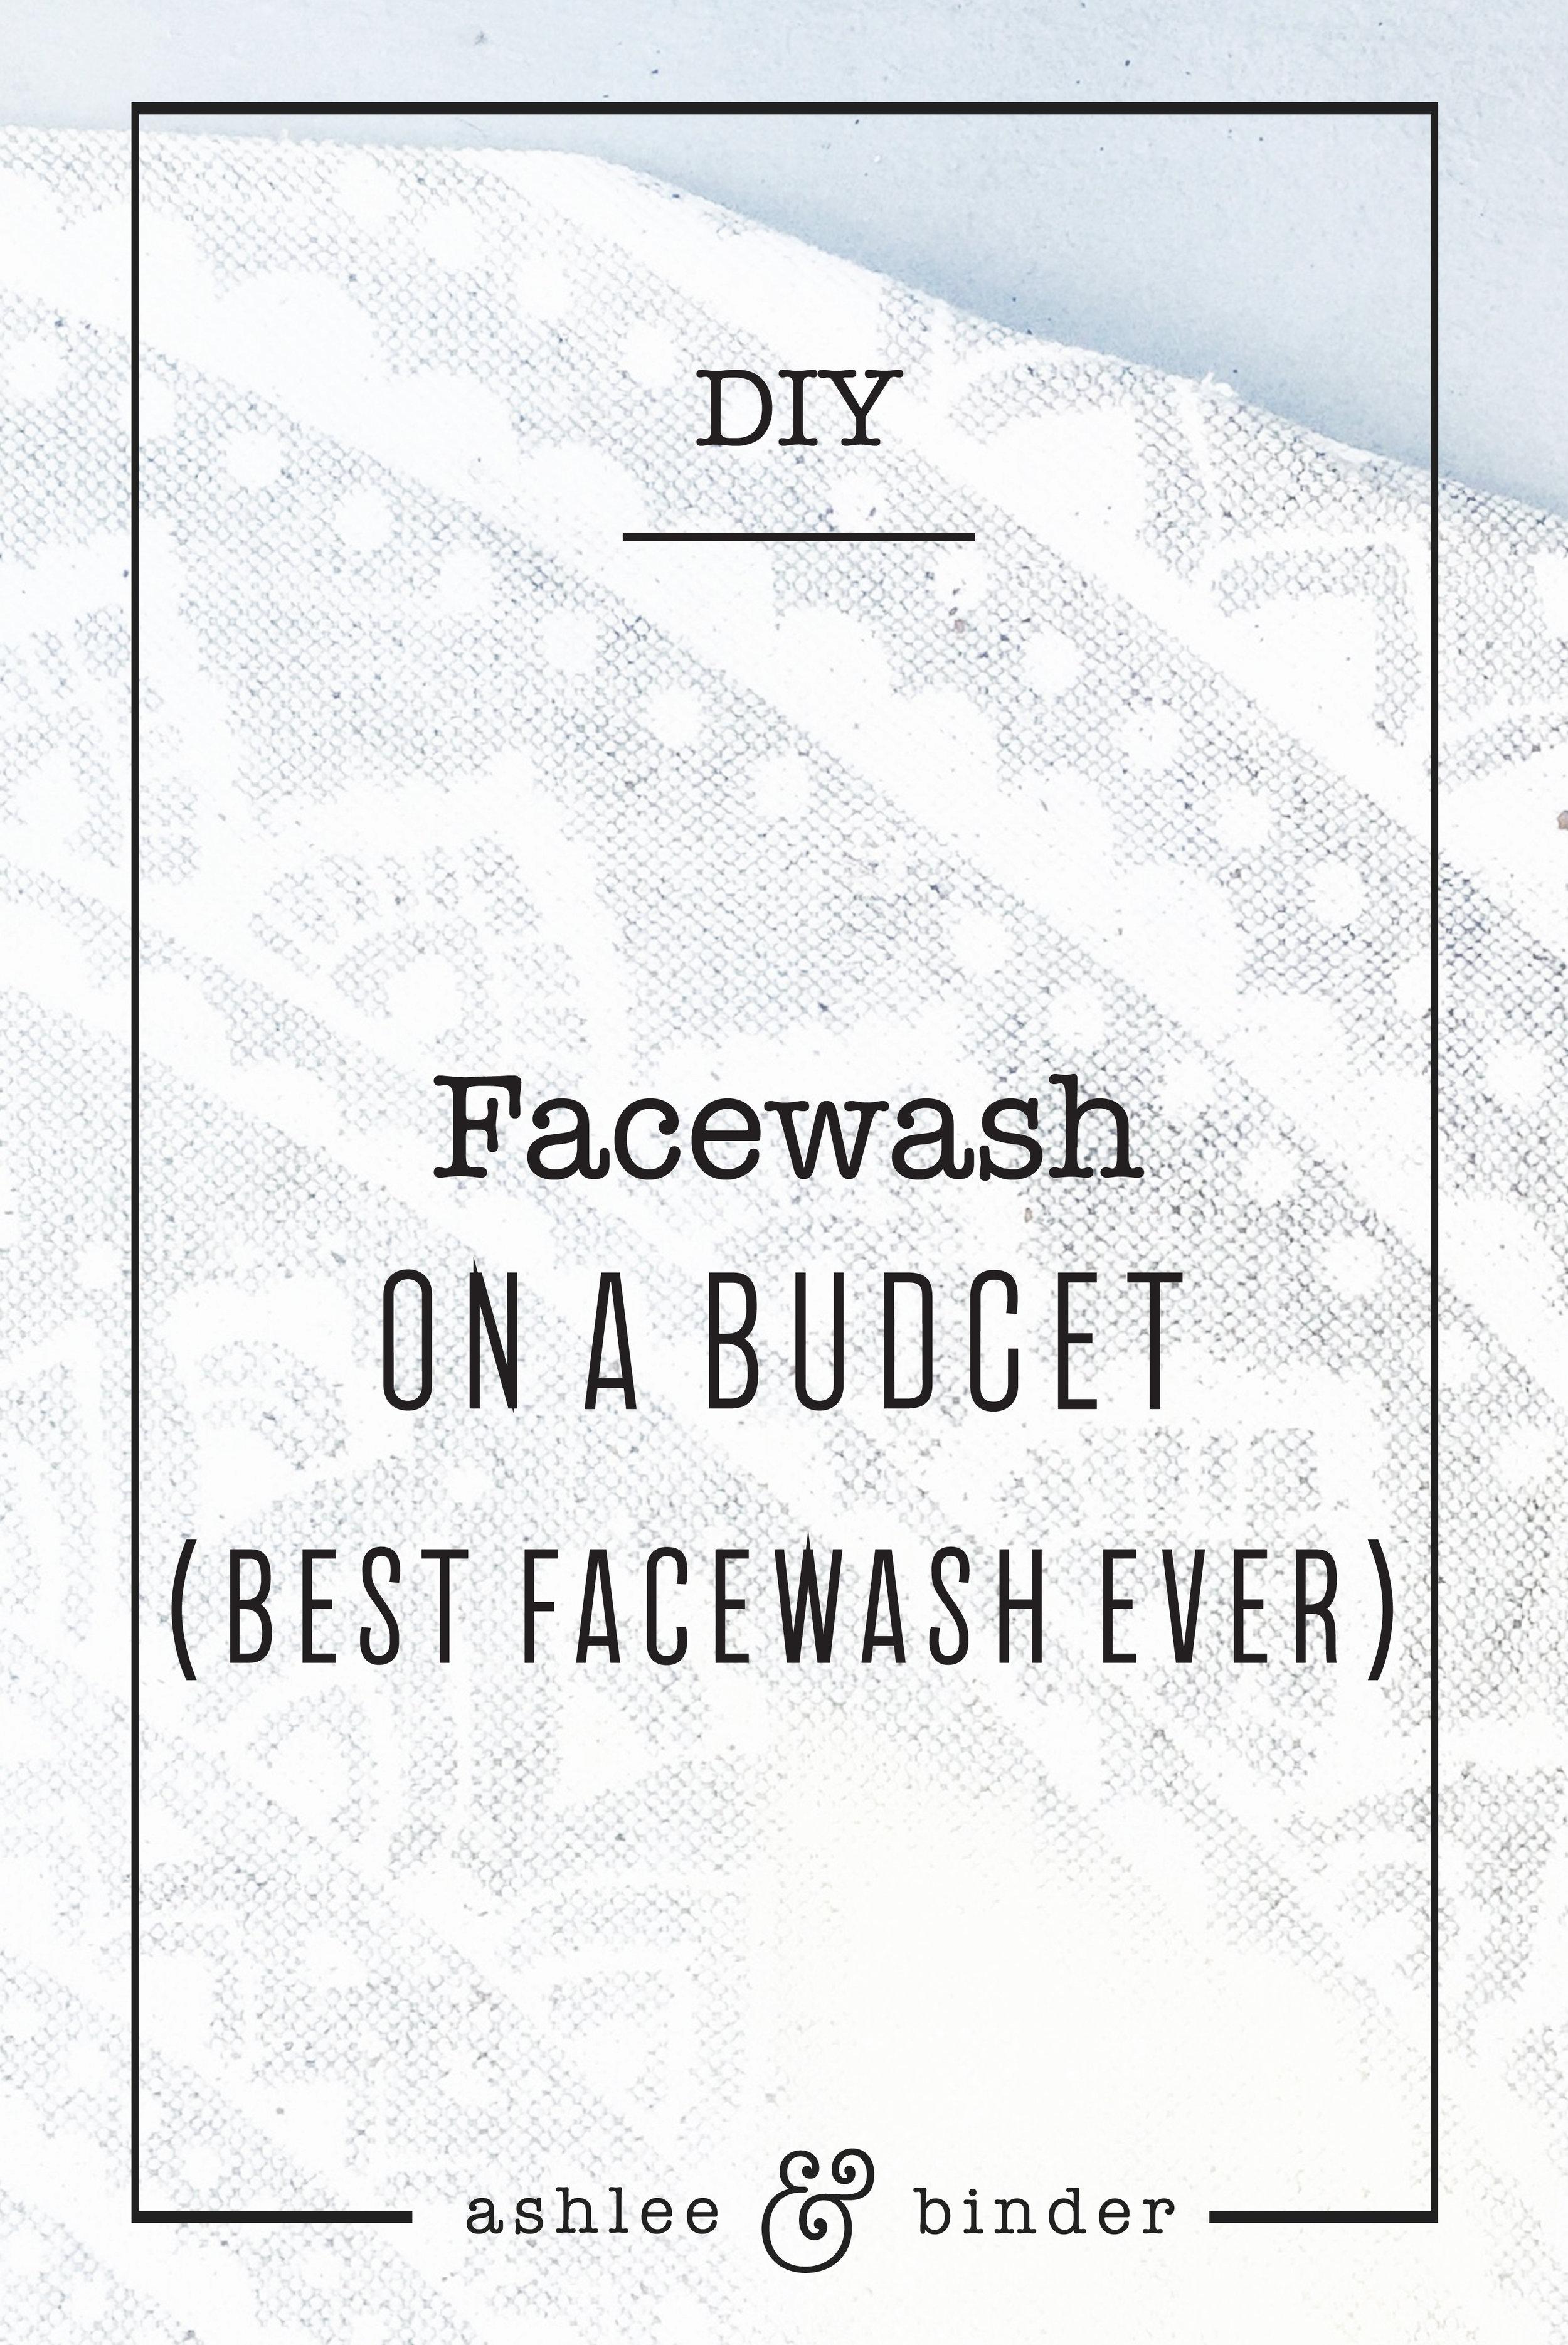 DIY Facewash